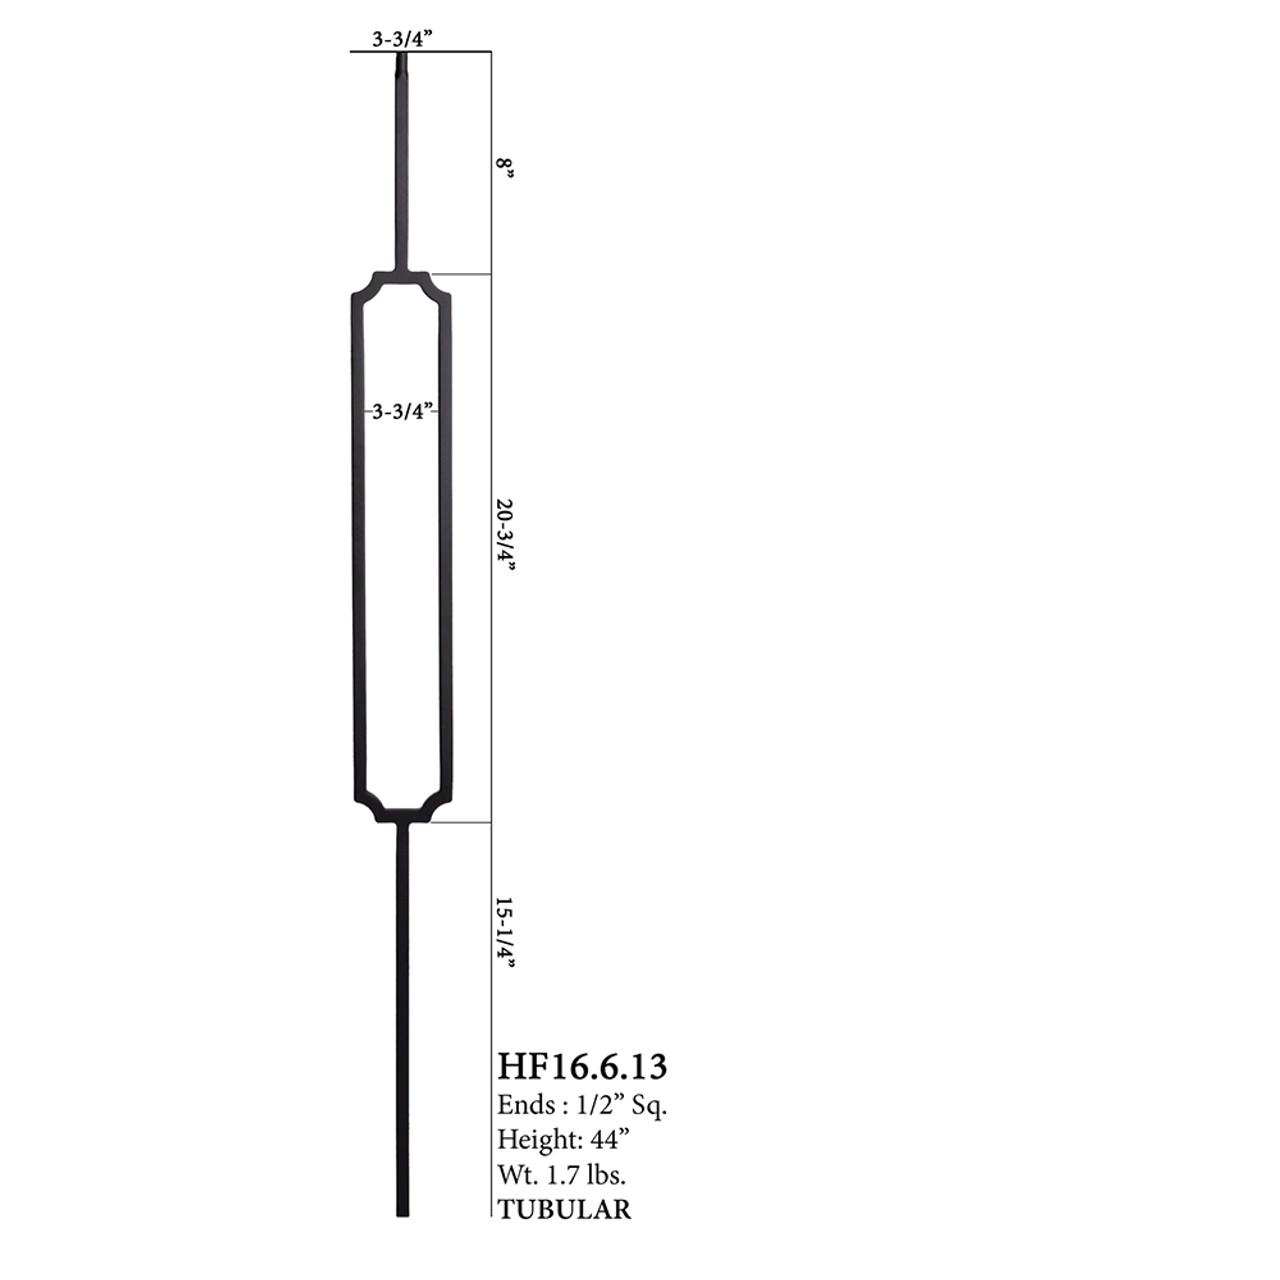 HF16.6.13 Crossed Hexagon Tubular Steel Baluster